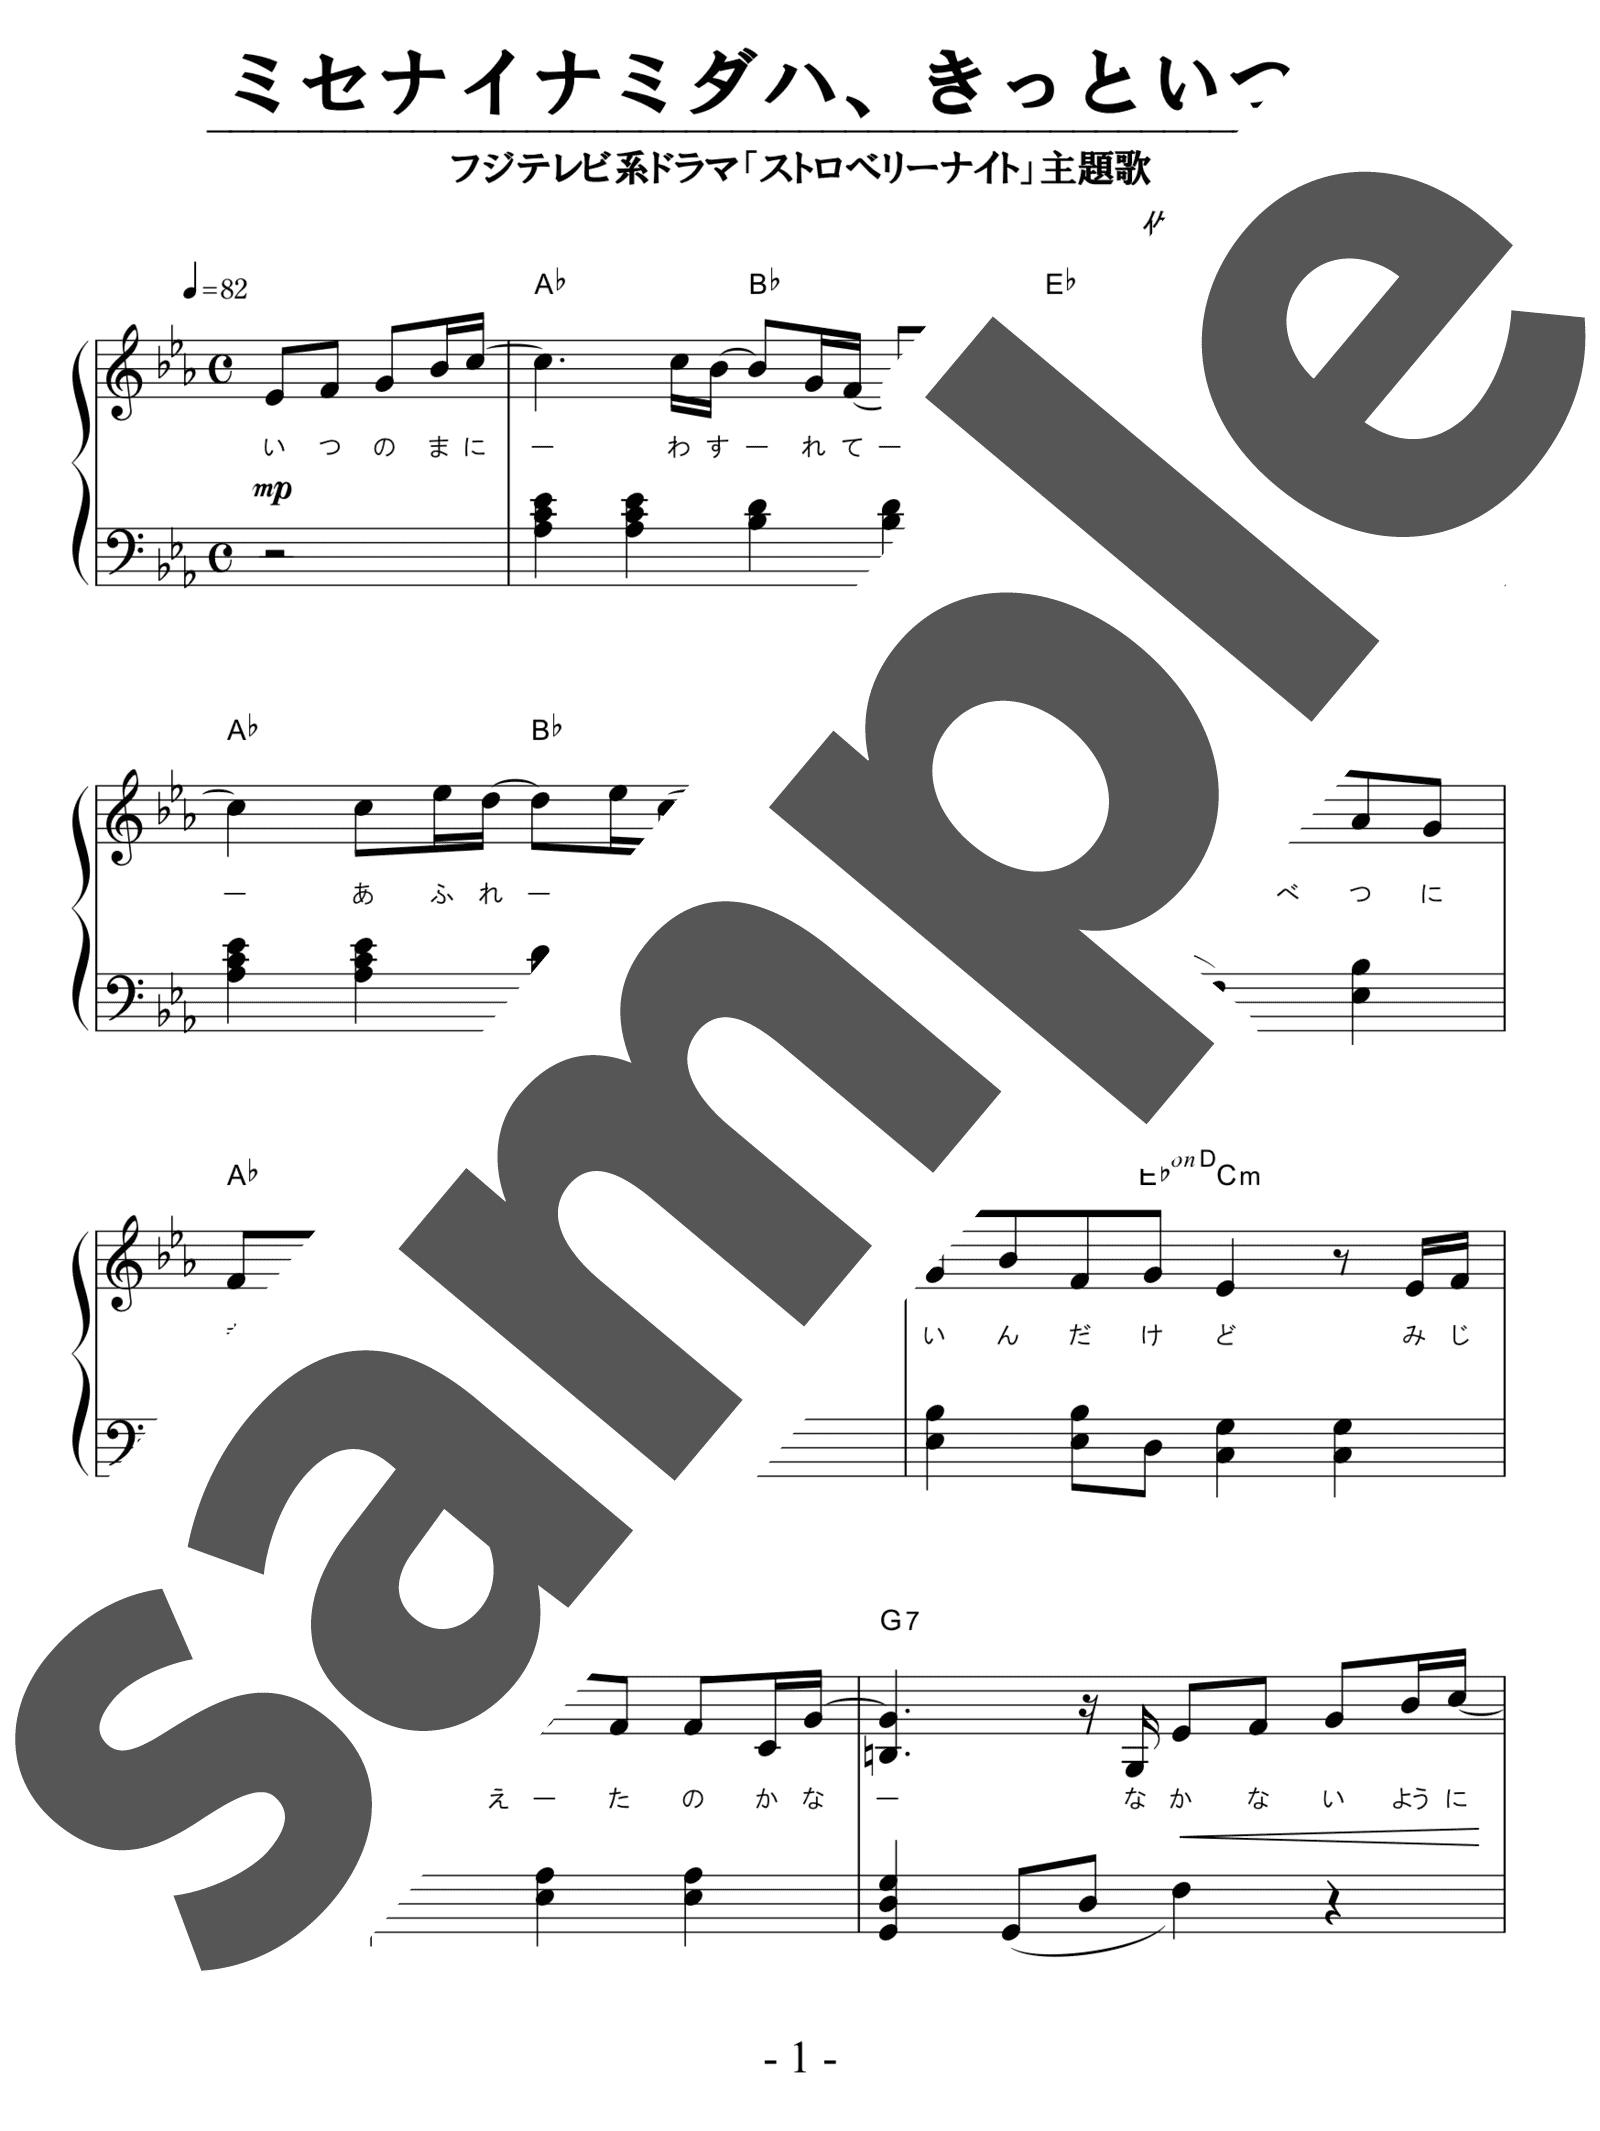 「ミセナイナミダハ、きっといつか」のサンプル楽譜